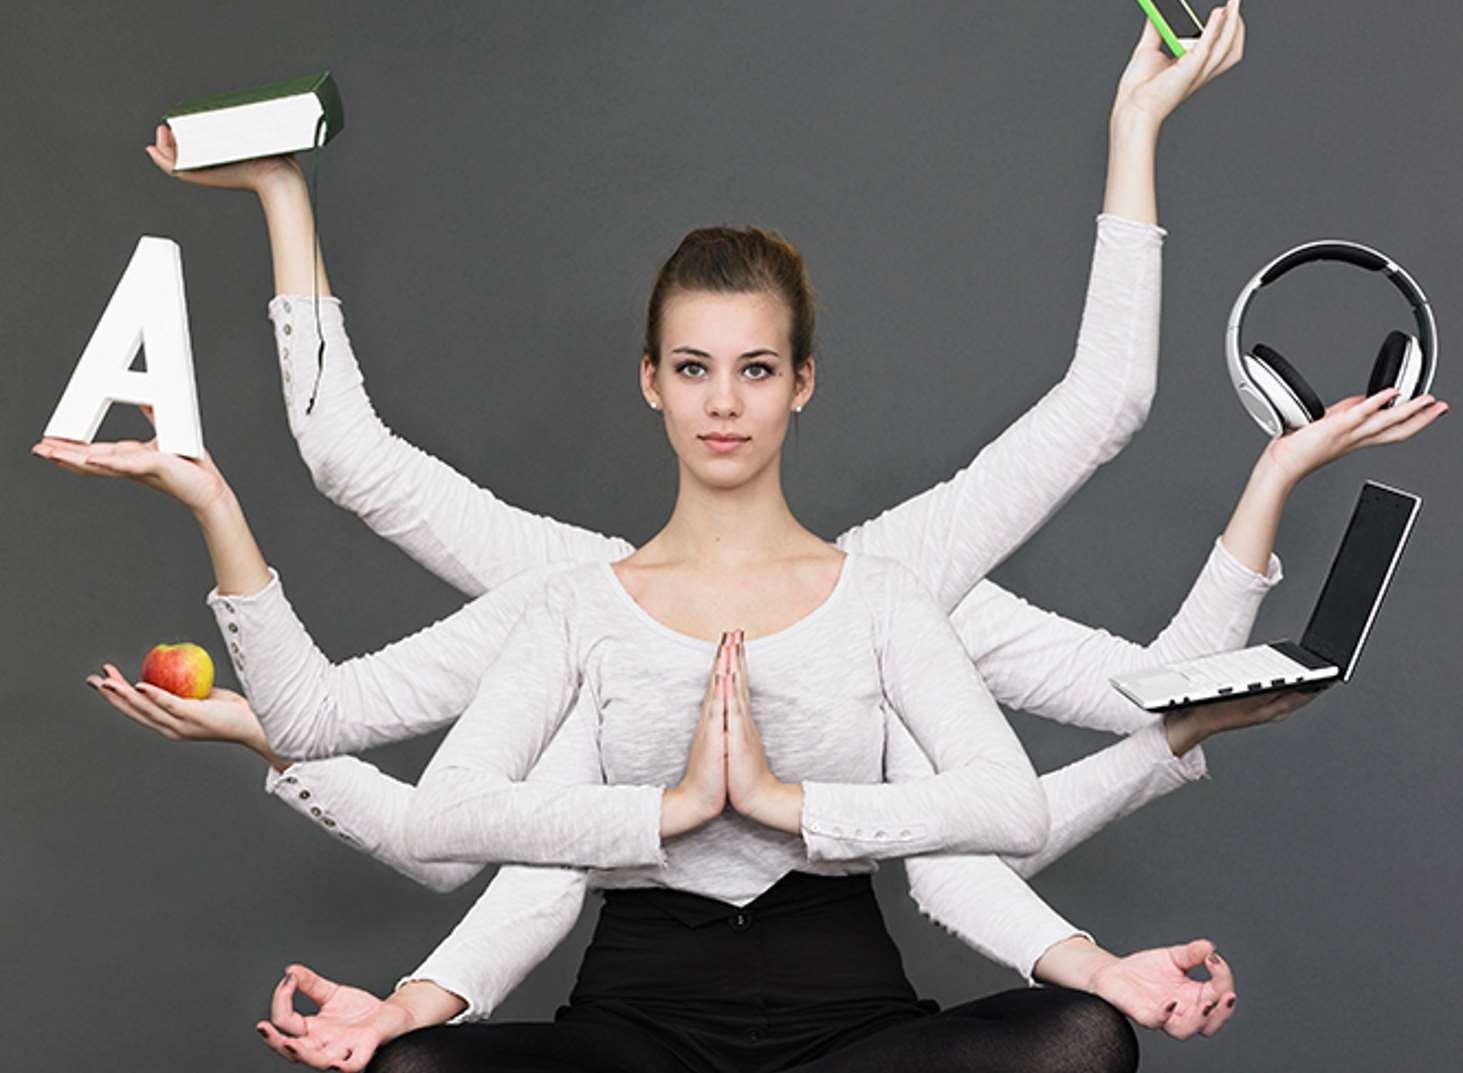 kak-pedagogu-nachat-god-produktivno